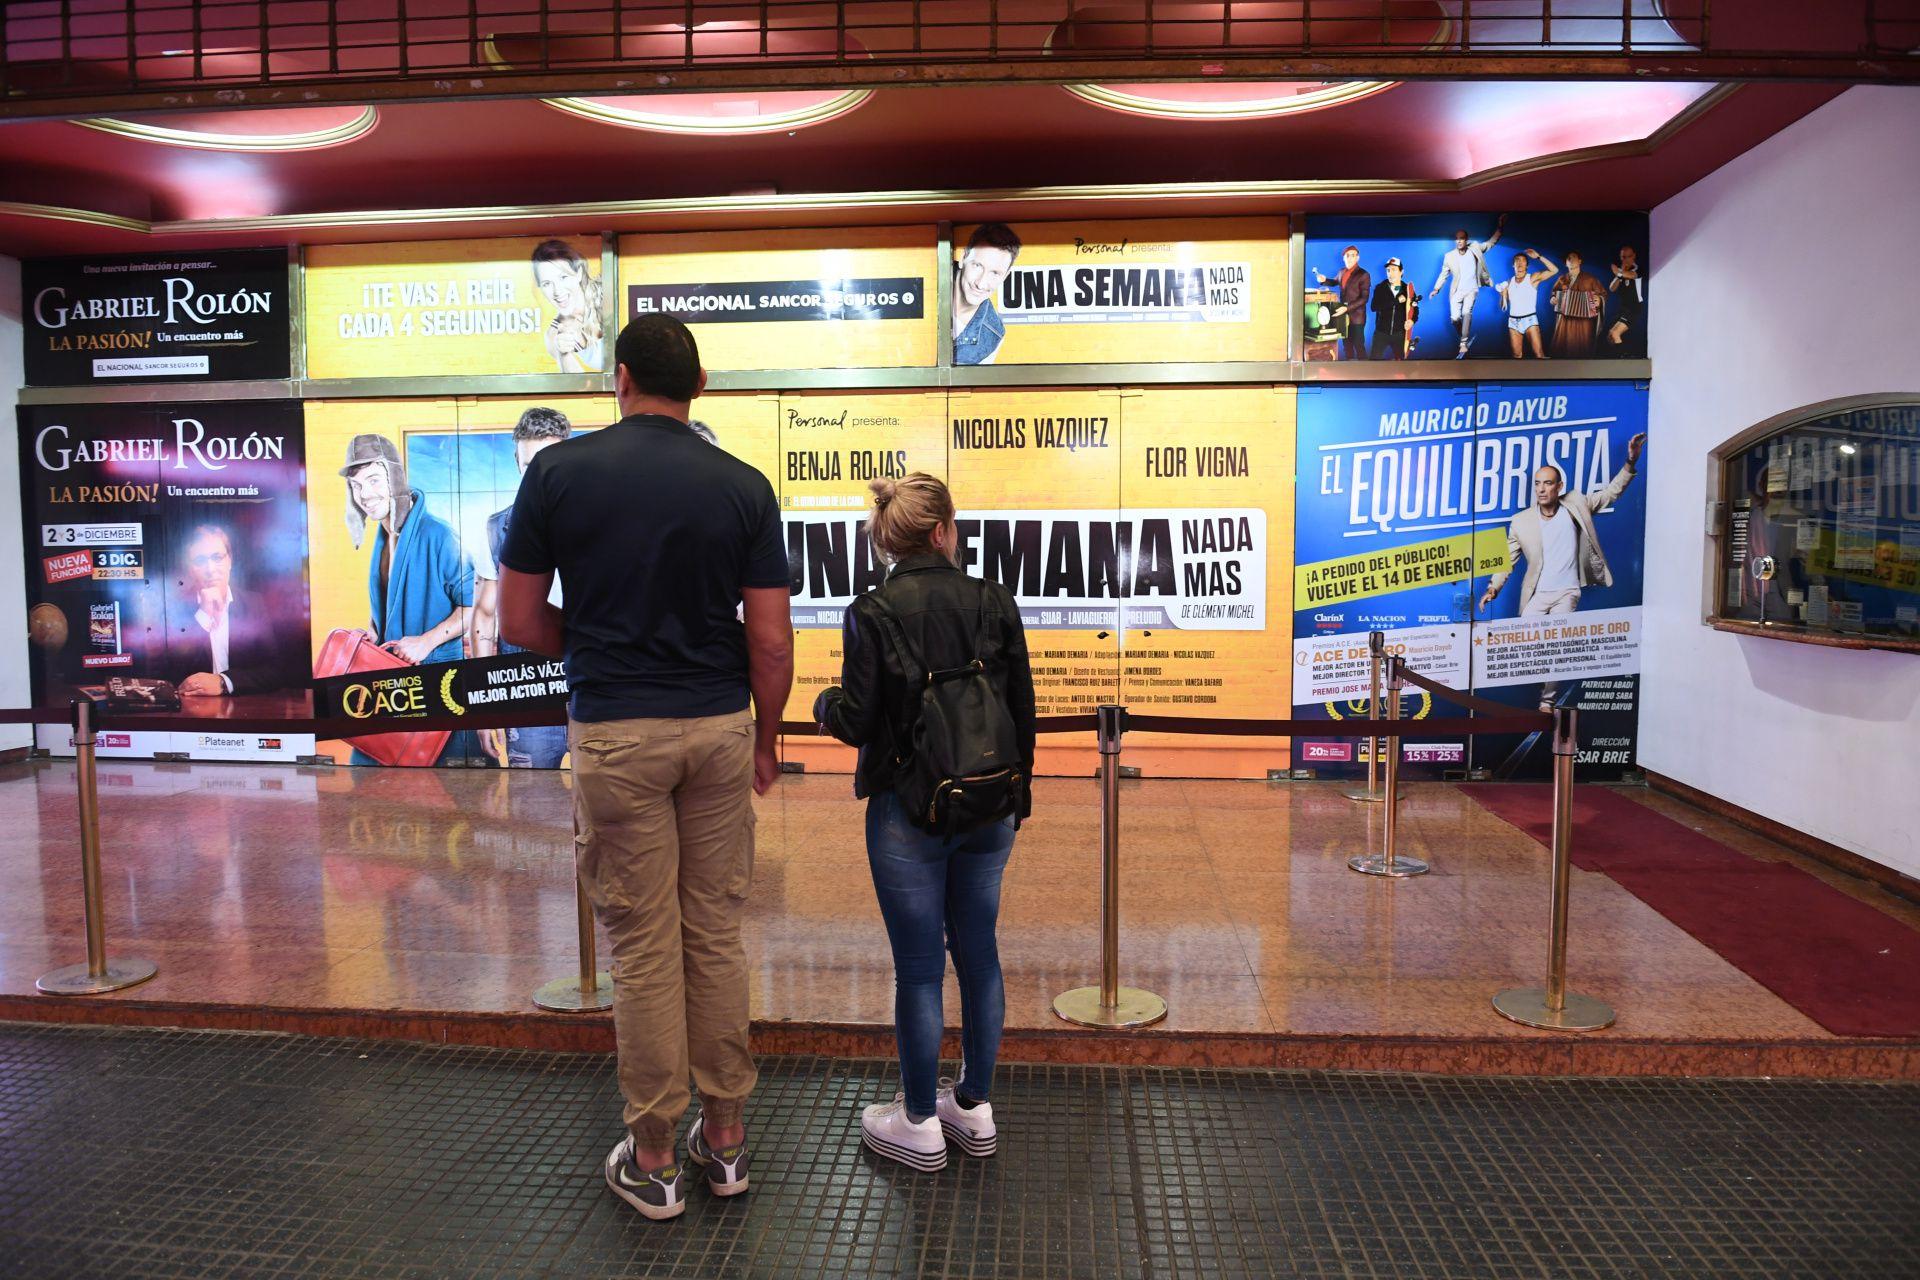 Sala de teatro en la calle Corrientes (Foto: Maximiliano Luna)